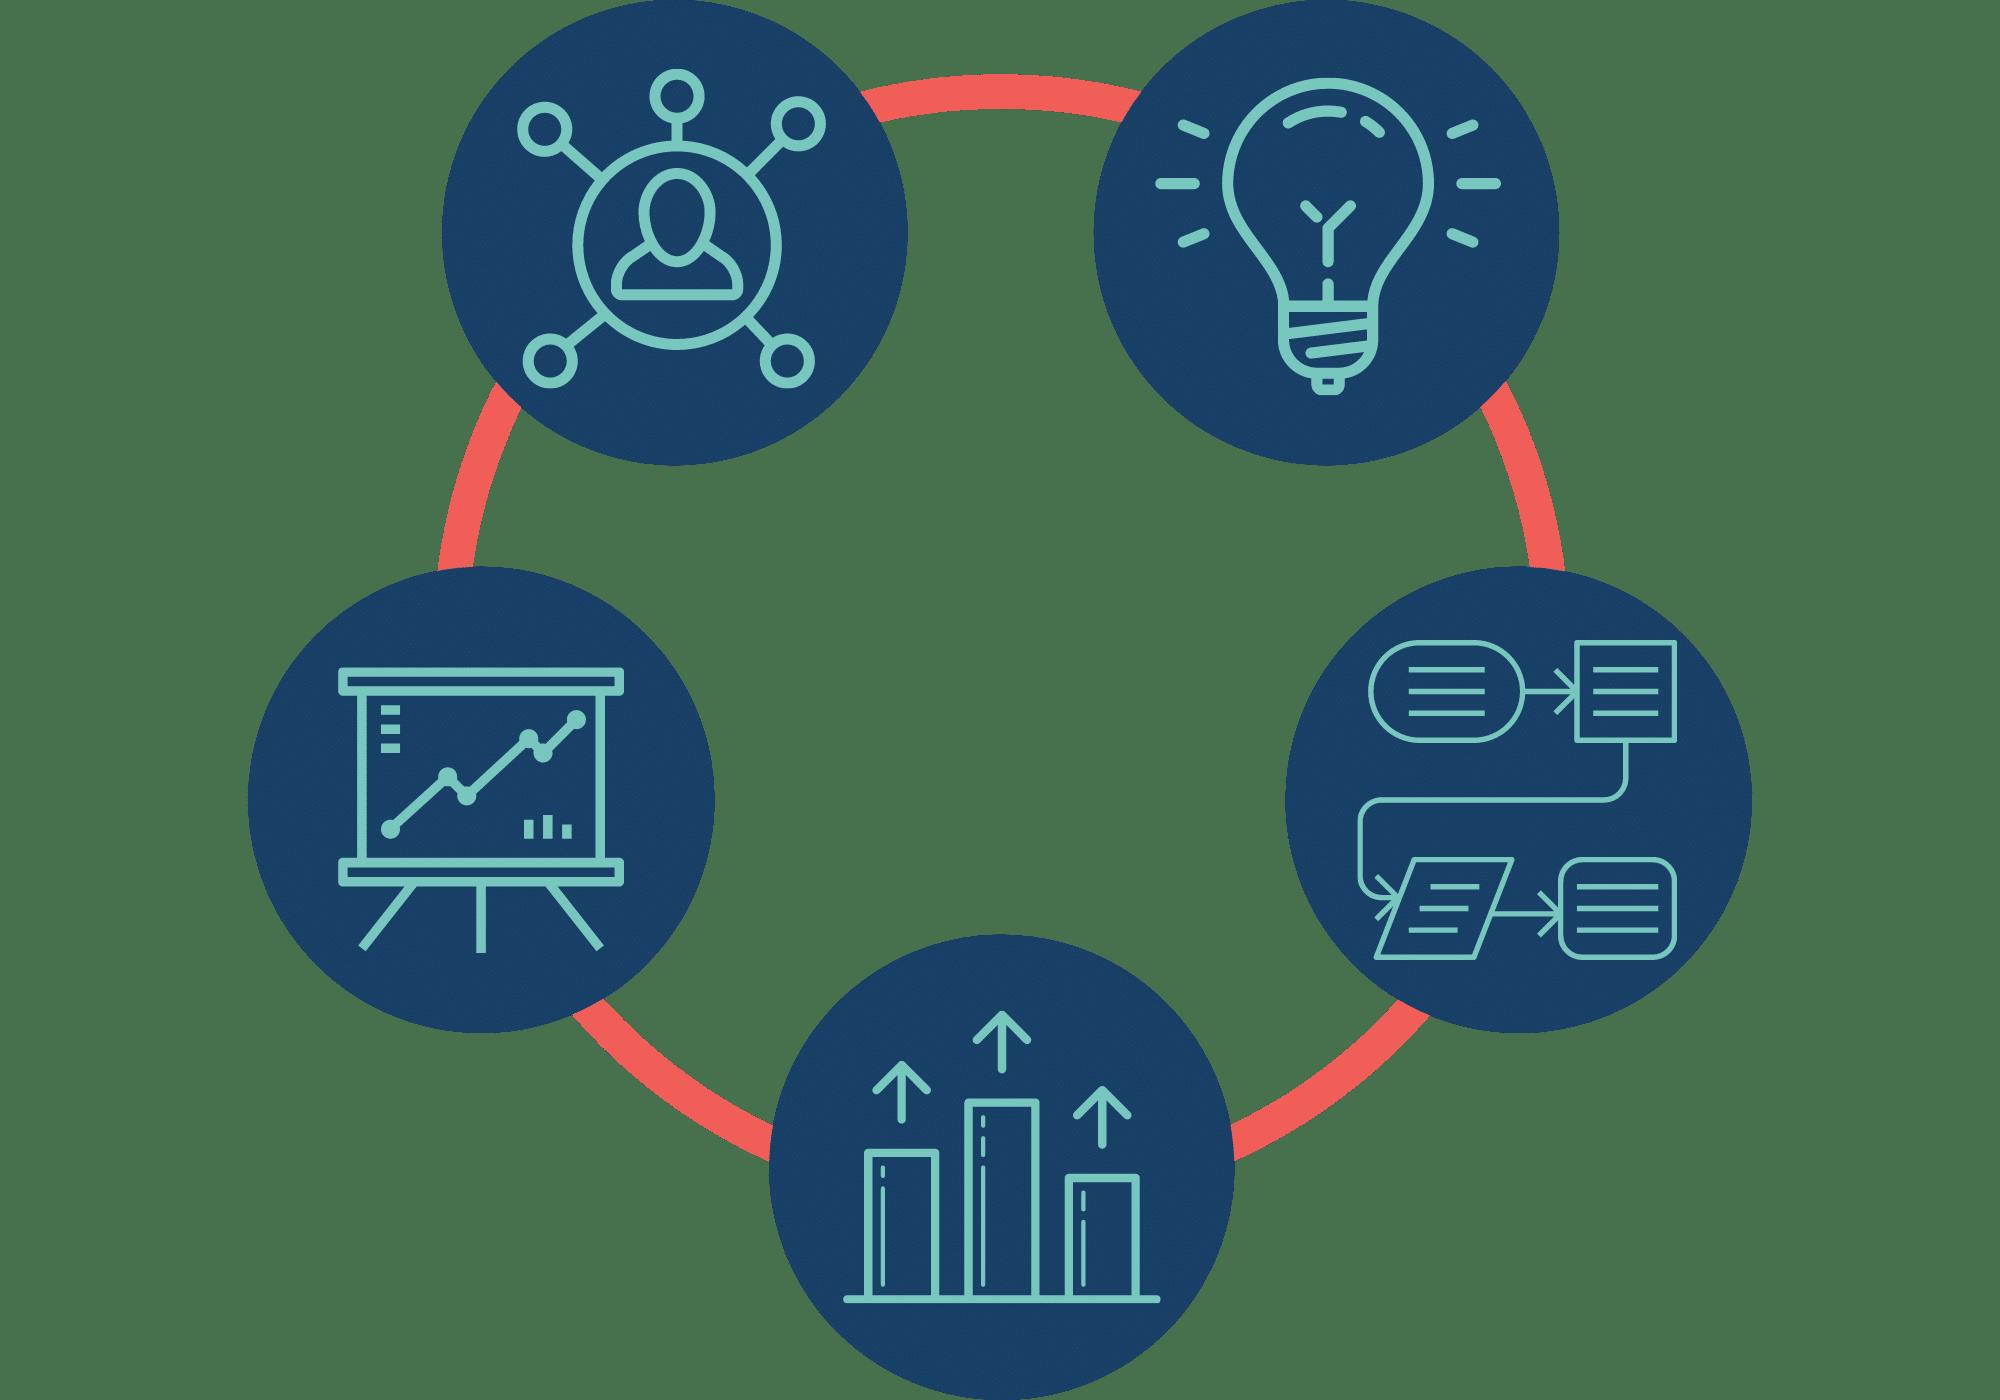 Persona-ontwikkeling - Inzichten voor sales proces - Productpagina